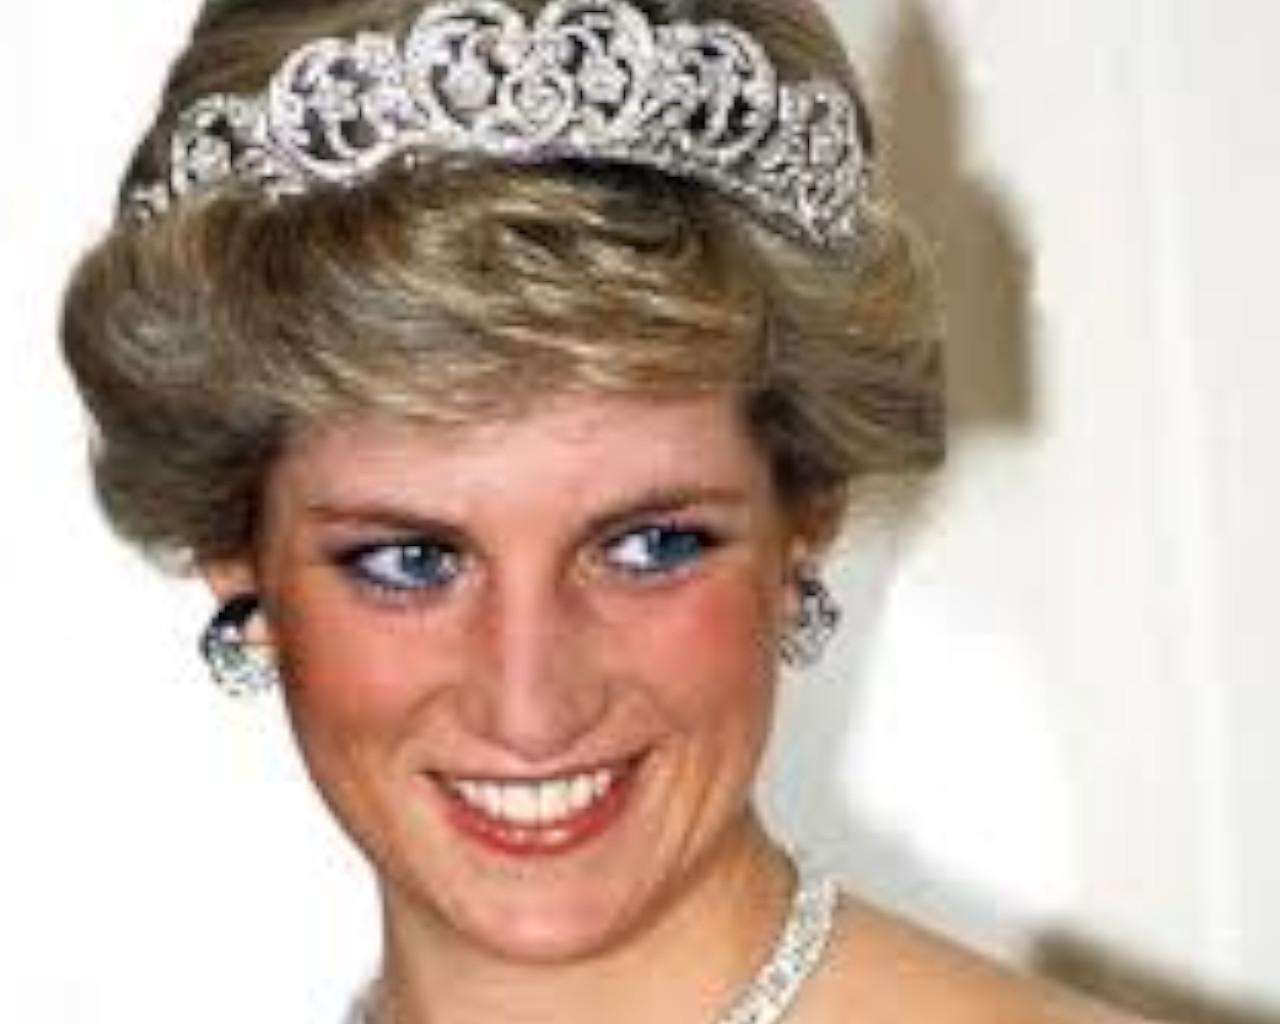 πριγκιπισσα νταιανα,πριγκιπισσα νταιανα κηδεια,πριγκιπισσα νταιανα ταφοσ,πριγκιπισσα νταιανα συνεντευξη,πριγκίπισσα νταϊάνα ταινία,πριγκιπισσα νταιανα υψοσ,πριγκιπισσα νταιανα κορη,πριγκιπισσα νταιανα θανατοσ,πριγκιπισσα νταιανα ζει